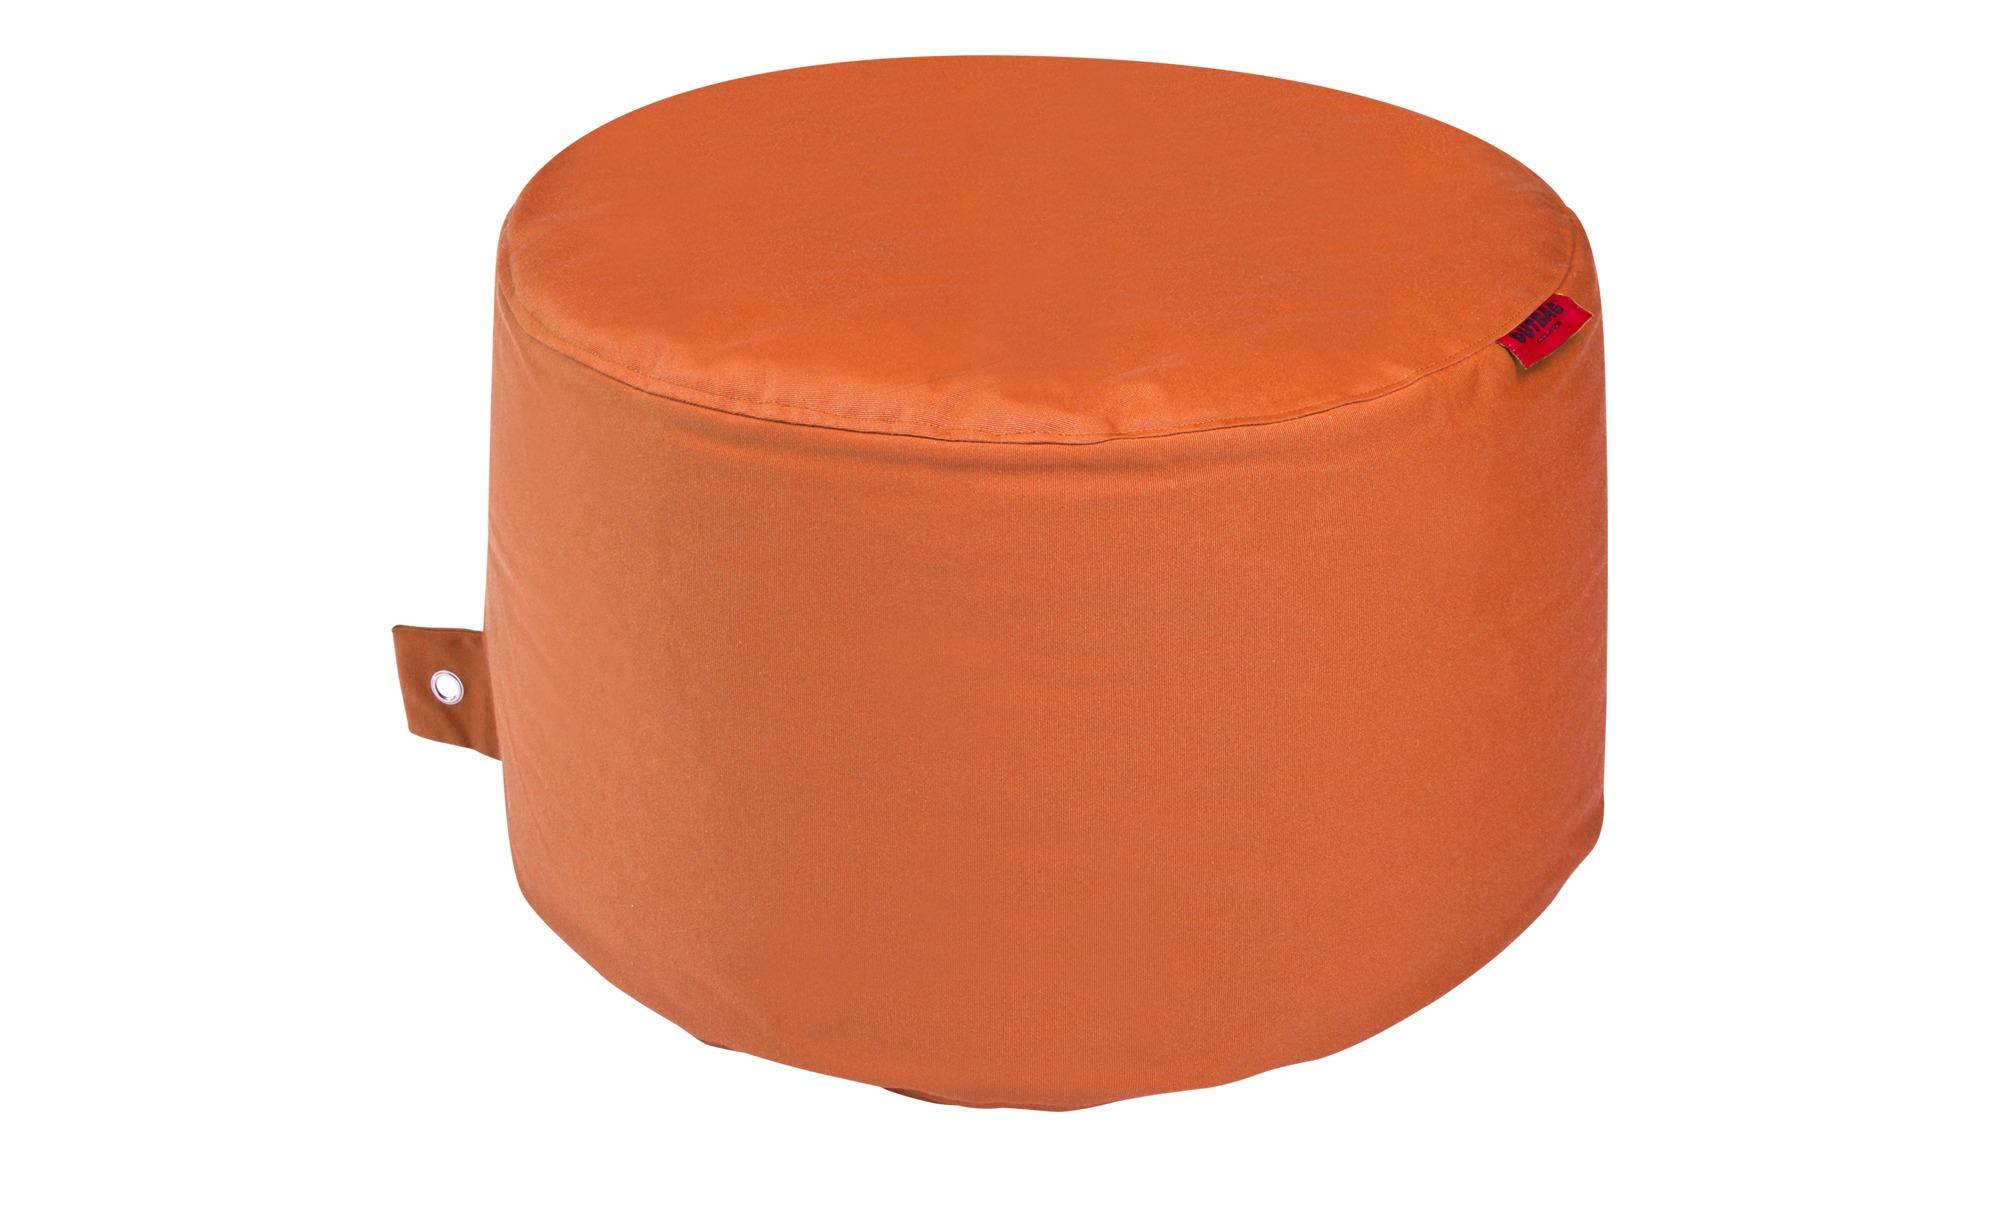 Sitzsack  Rock Plus ¦ orange ¦ Maße (cm): H: 35 Ø: [60.0] Garten > Auflagen & Kissen > Outdoor-Sitzsäcke - Höffner